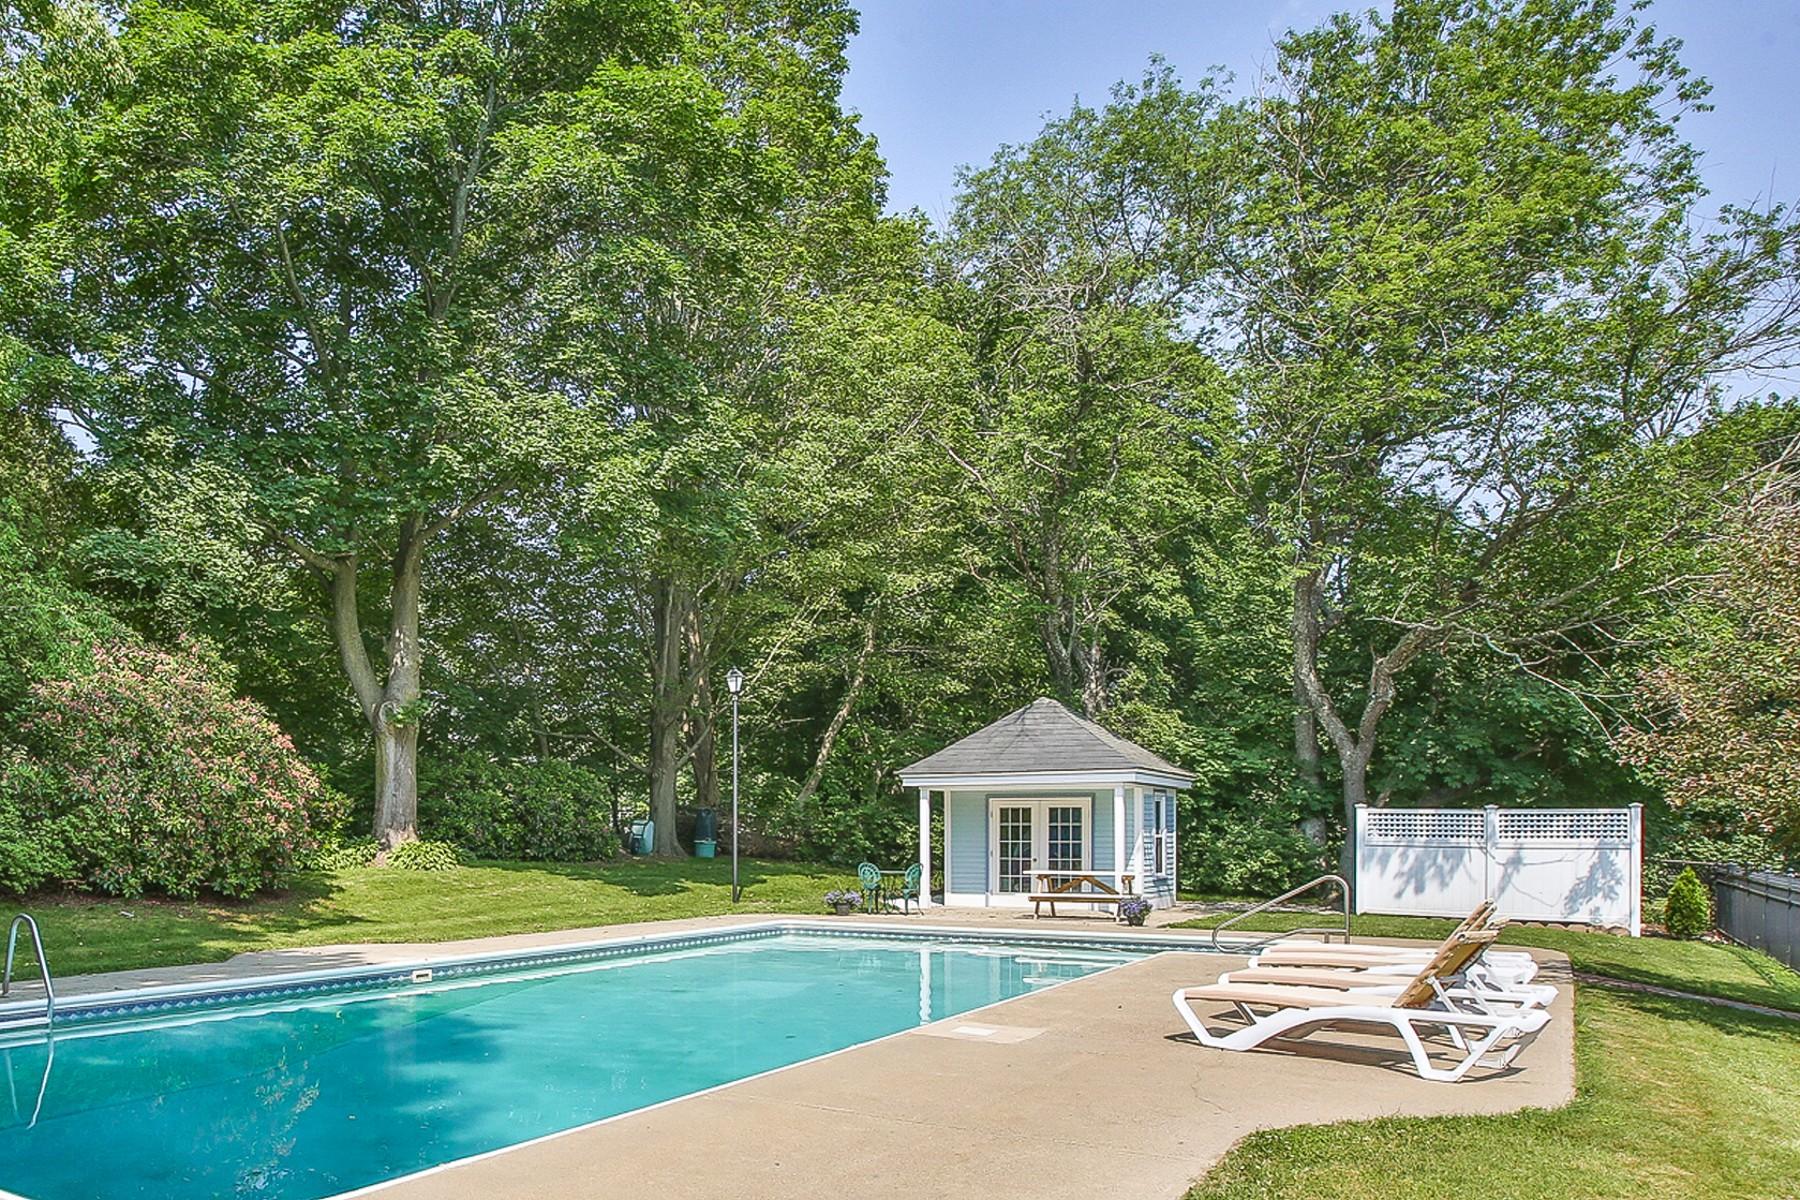 独户住宅 为 销售 在 Stunning Restored Victorian 293 High Street Newburyport, 马萨诸塞州, 01950 美国